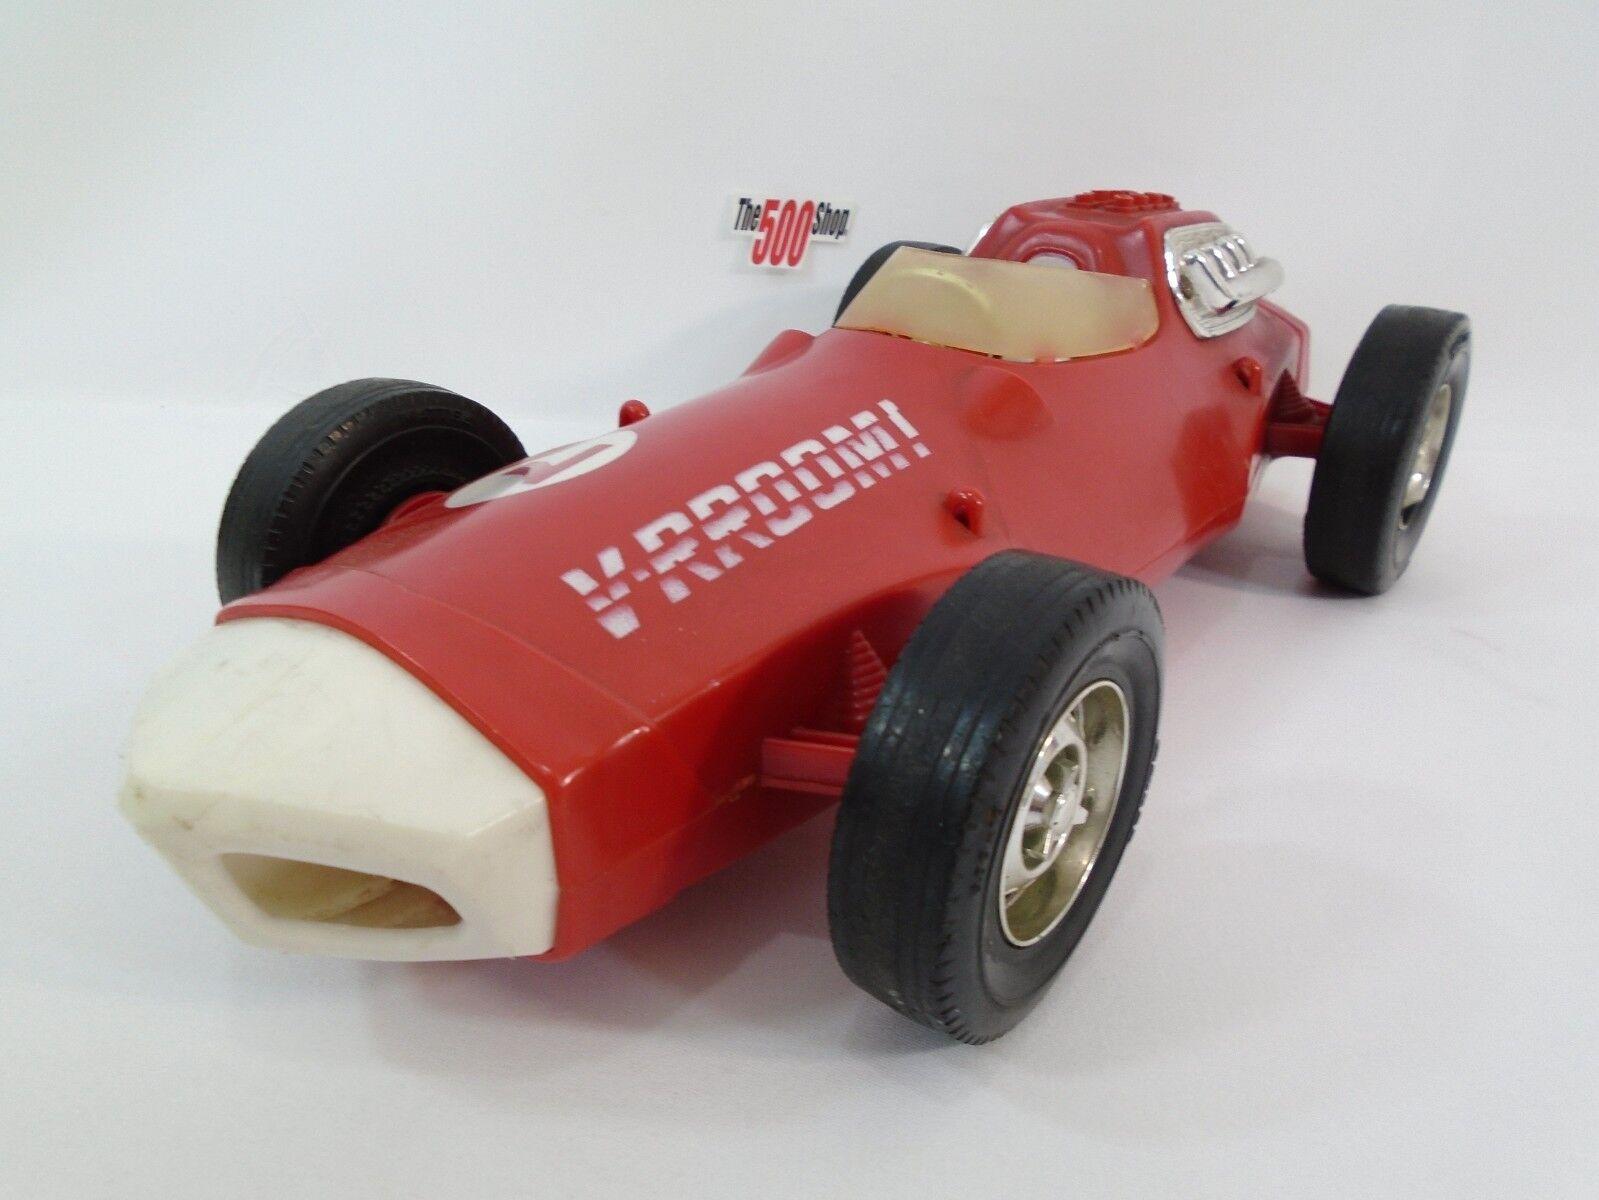 Vintage 1963 V-rroom friction voiture de course made by Mattel